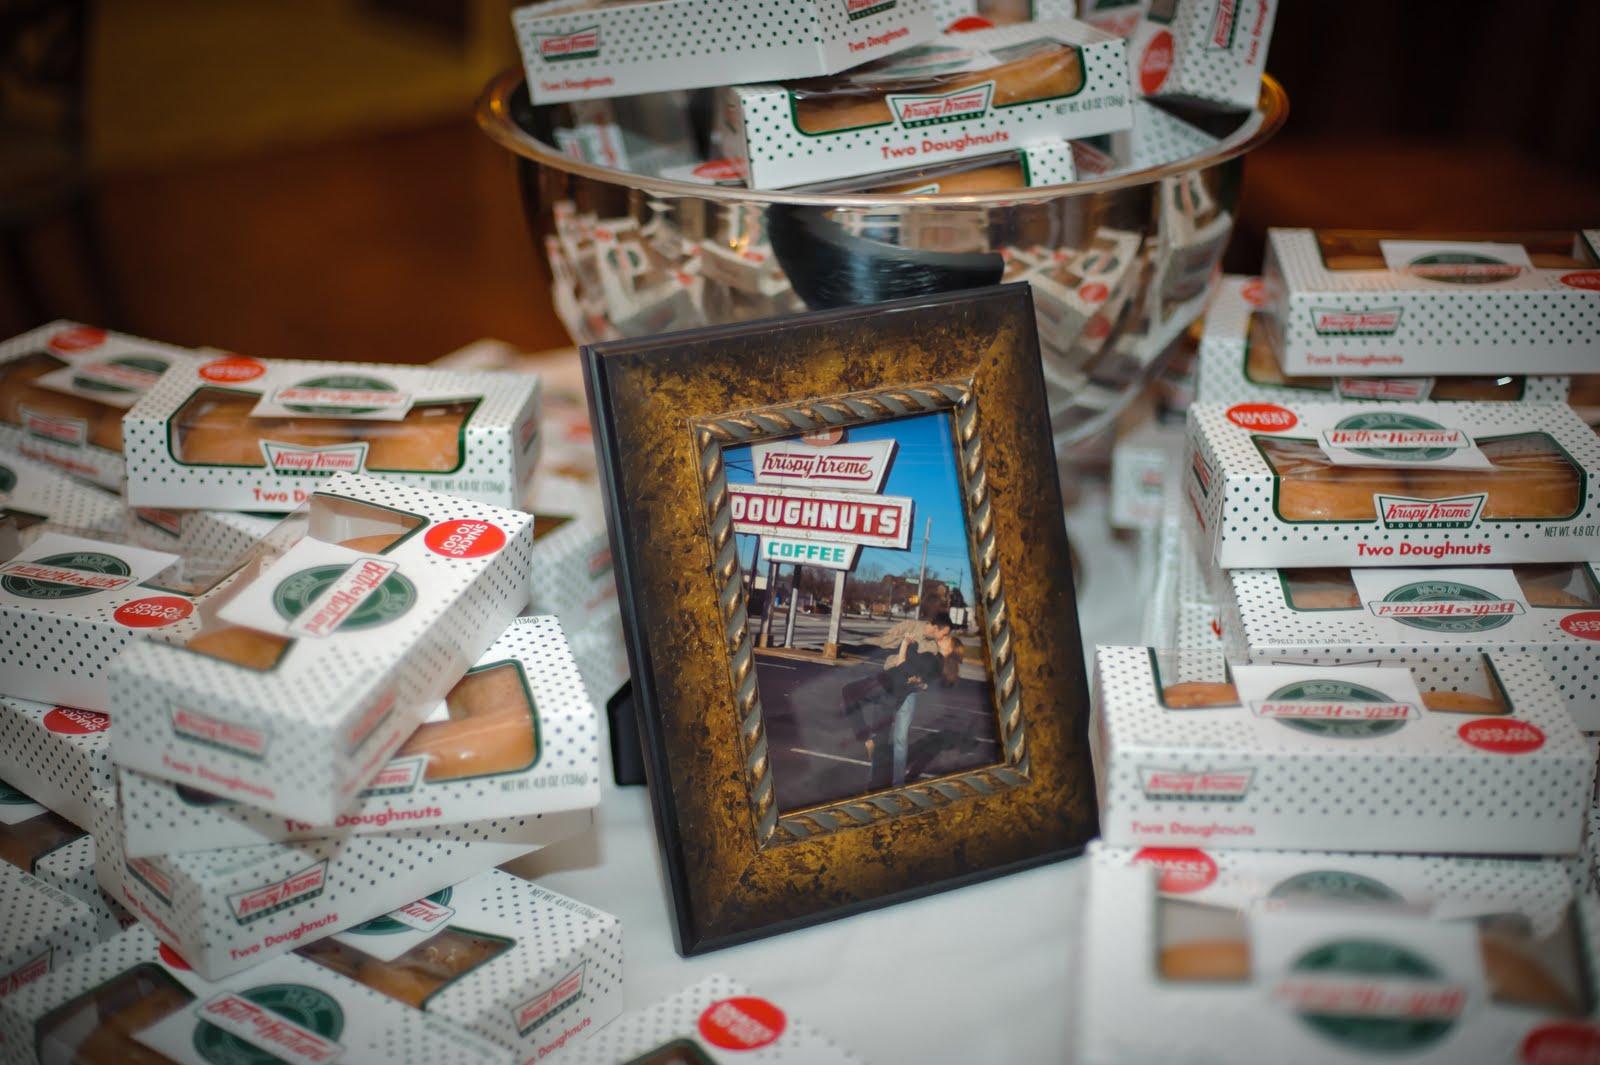 Krispy Kreme favori di nozze